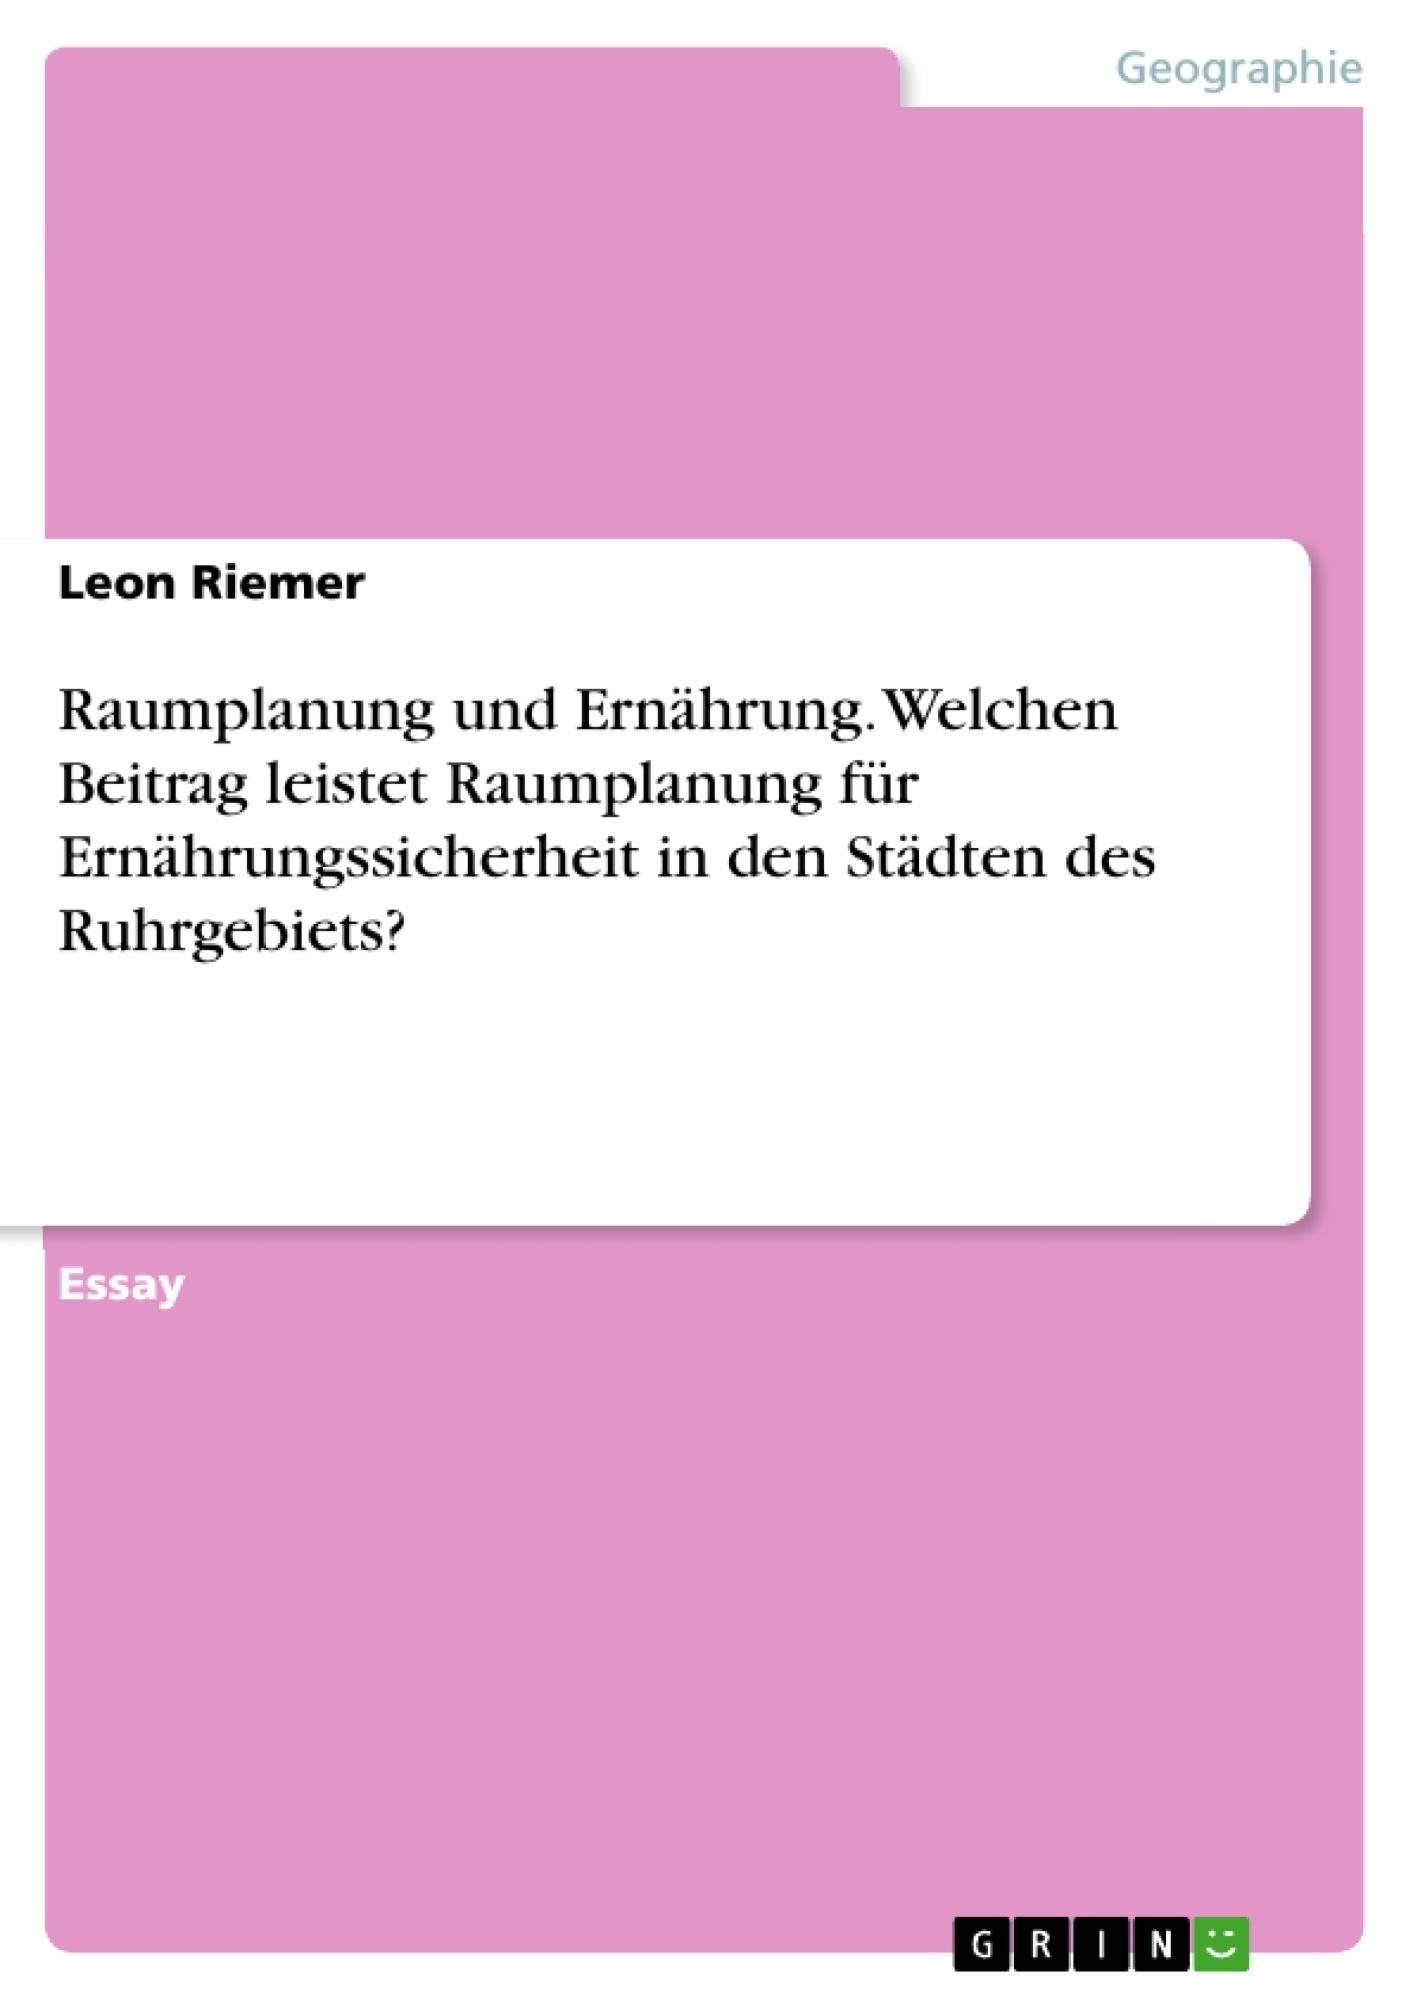 Titel: Raumplanung und Ernährung. Welchen Beitrag leistet Raumplanung für Ernährungssicherheit in den Städten des Ruhrgebiets?